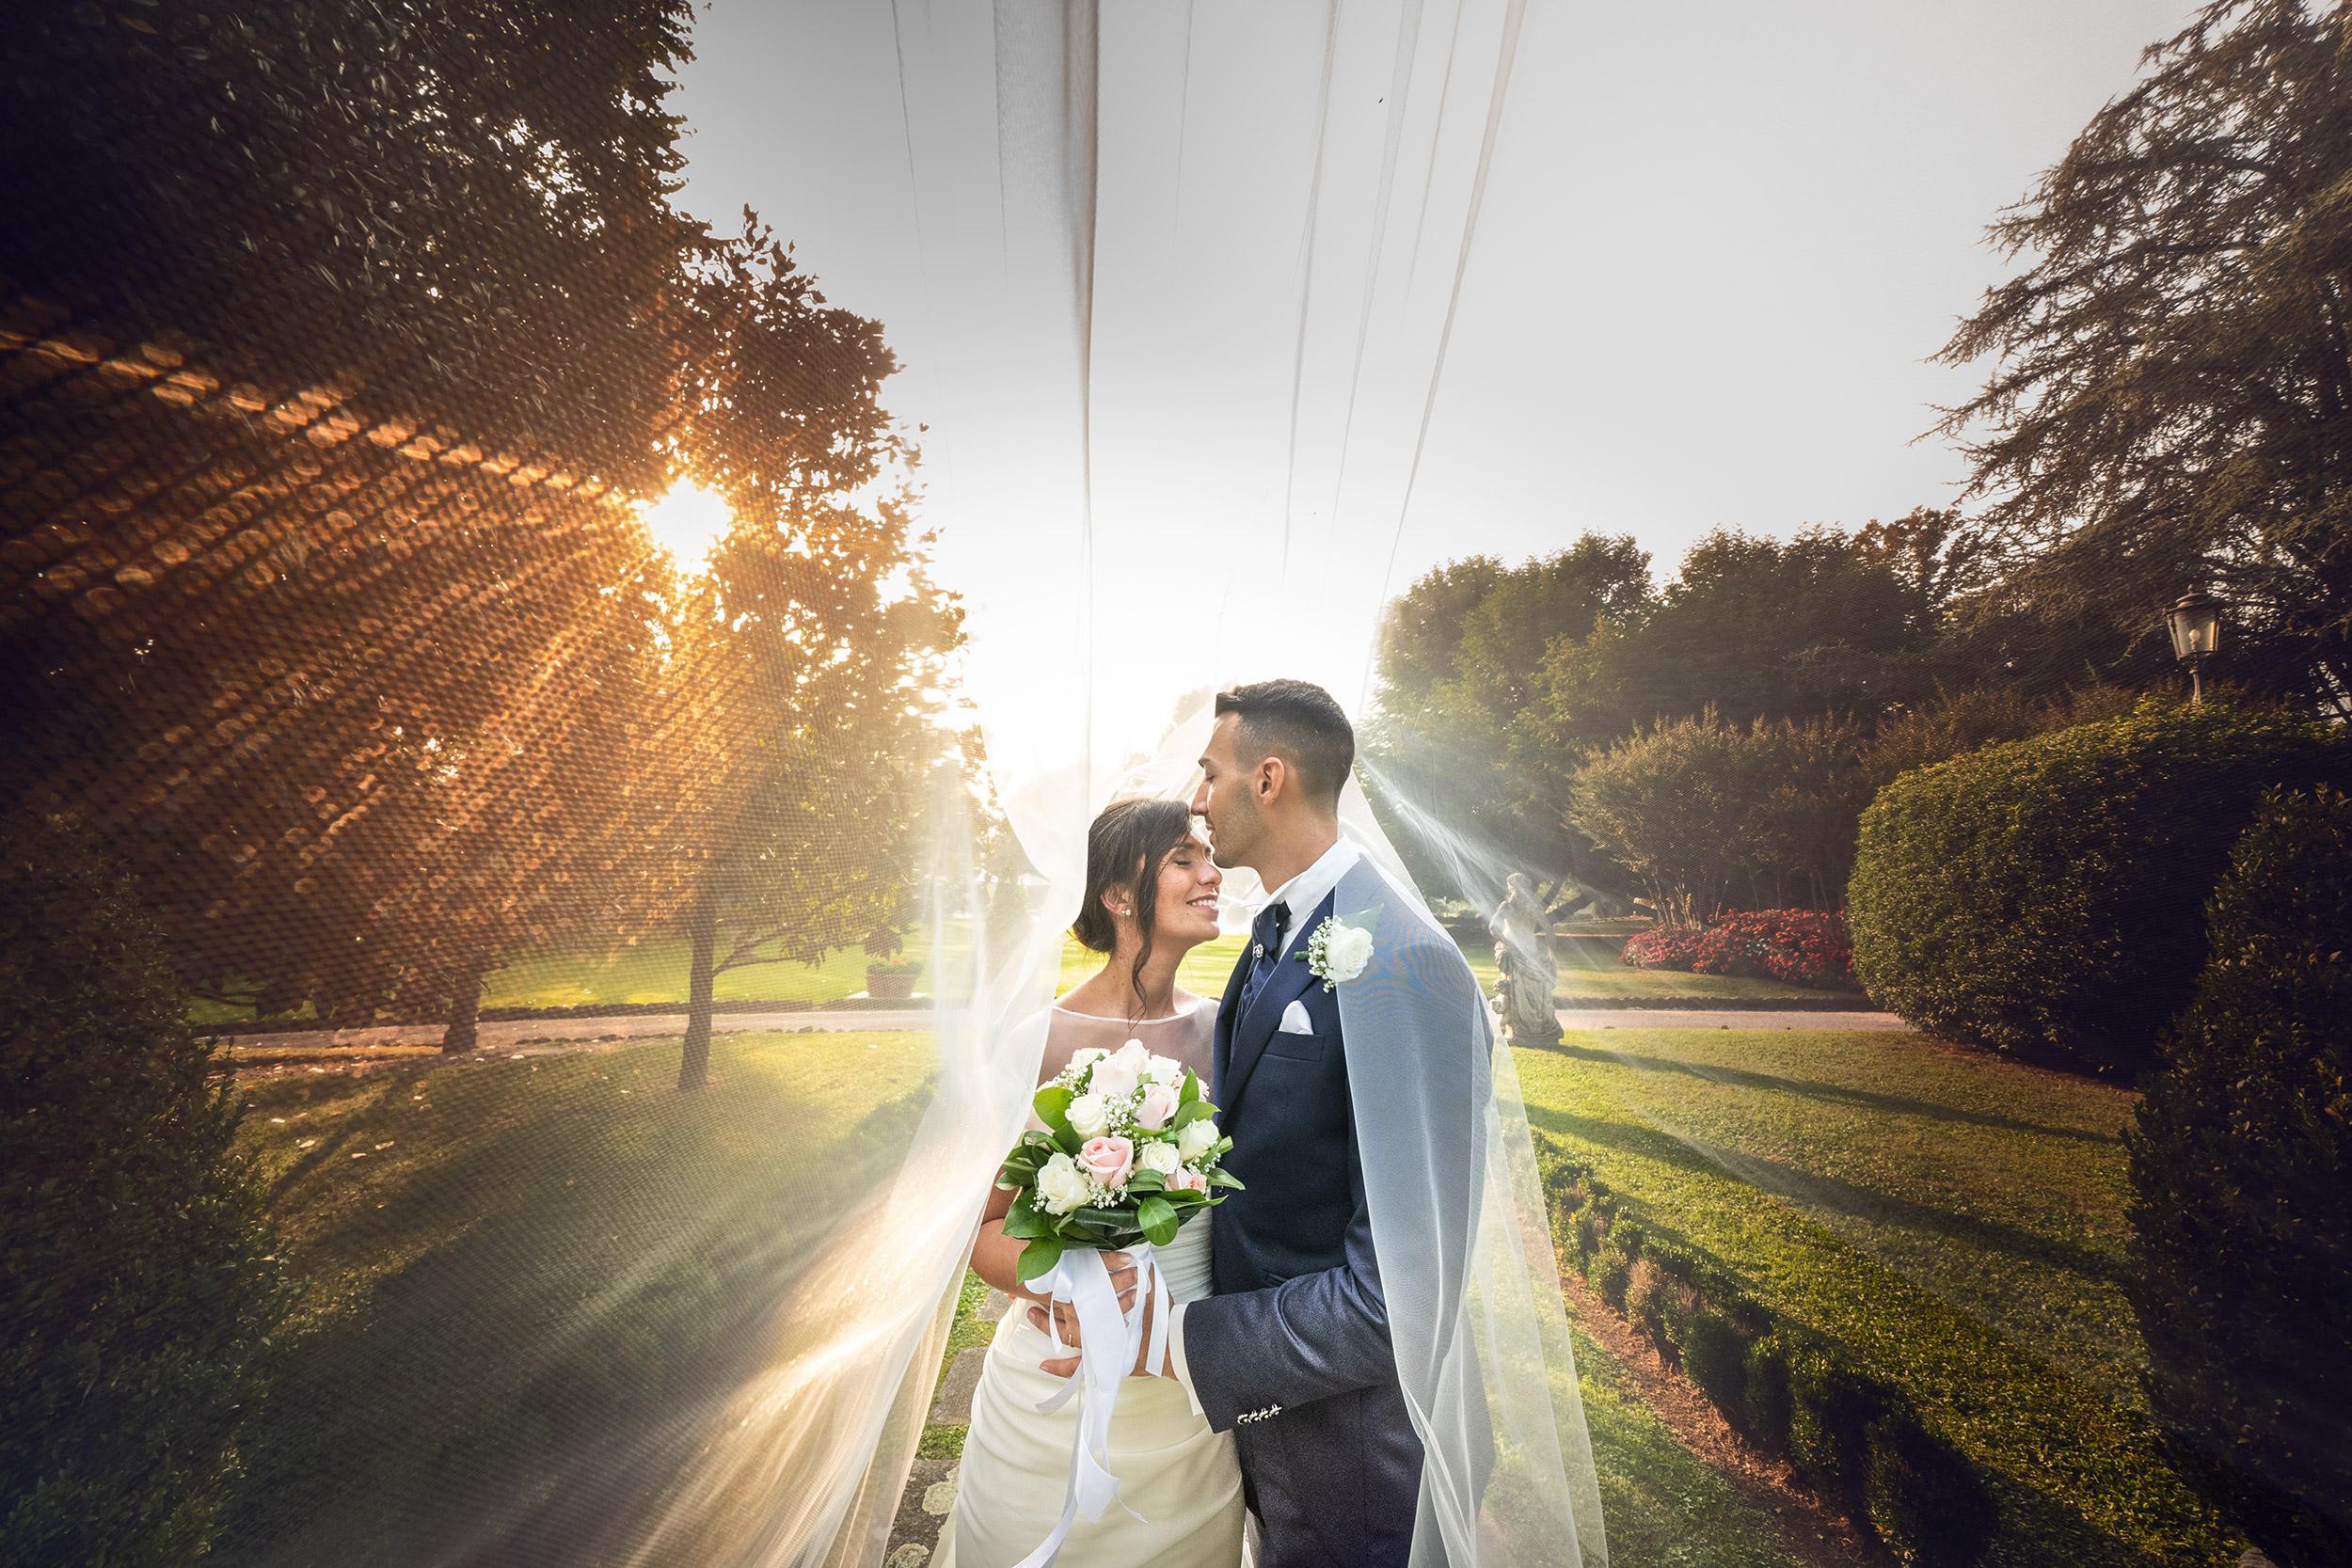 000 reportage sposi foto matrimonio wedding villa mattioli lesmo monza brianza 3